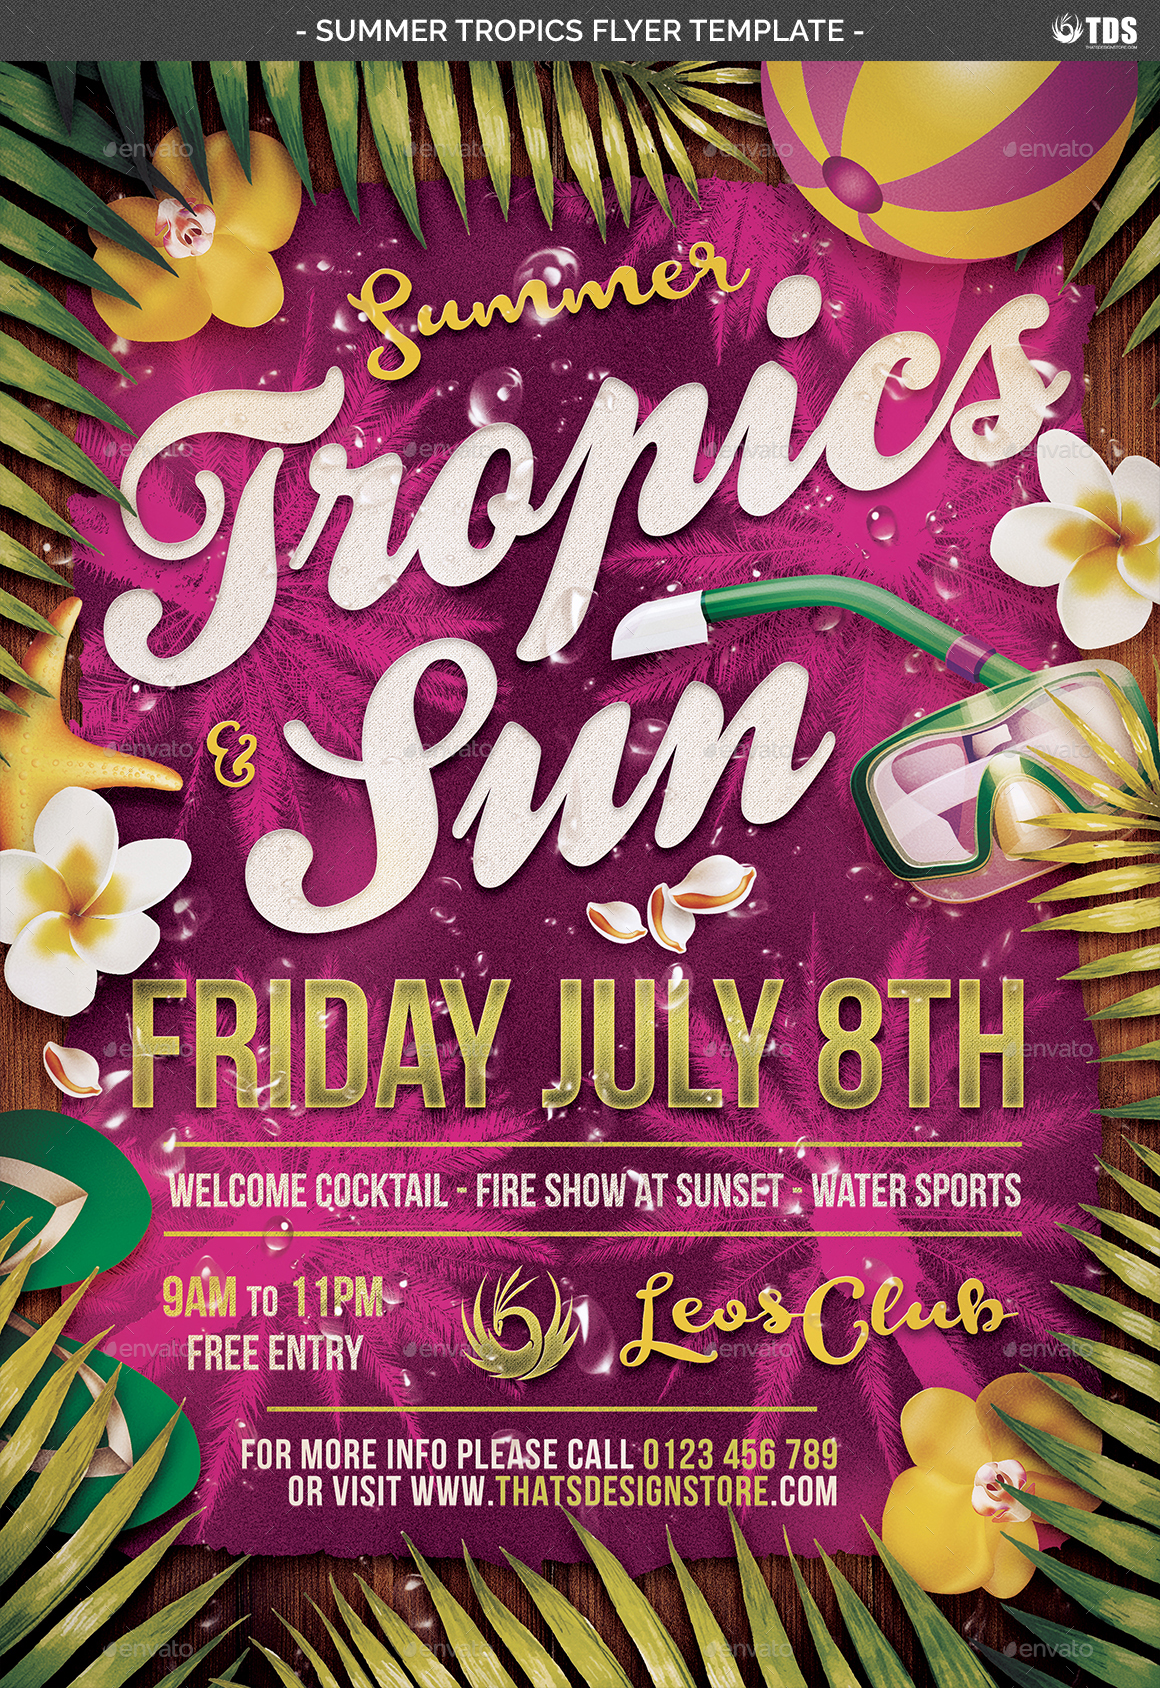 Summer Tropics Flyer Template by lou606 – Summer Flyer Template